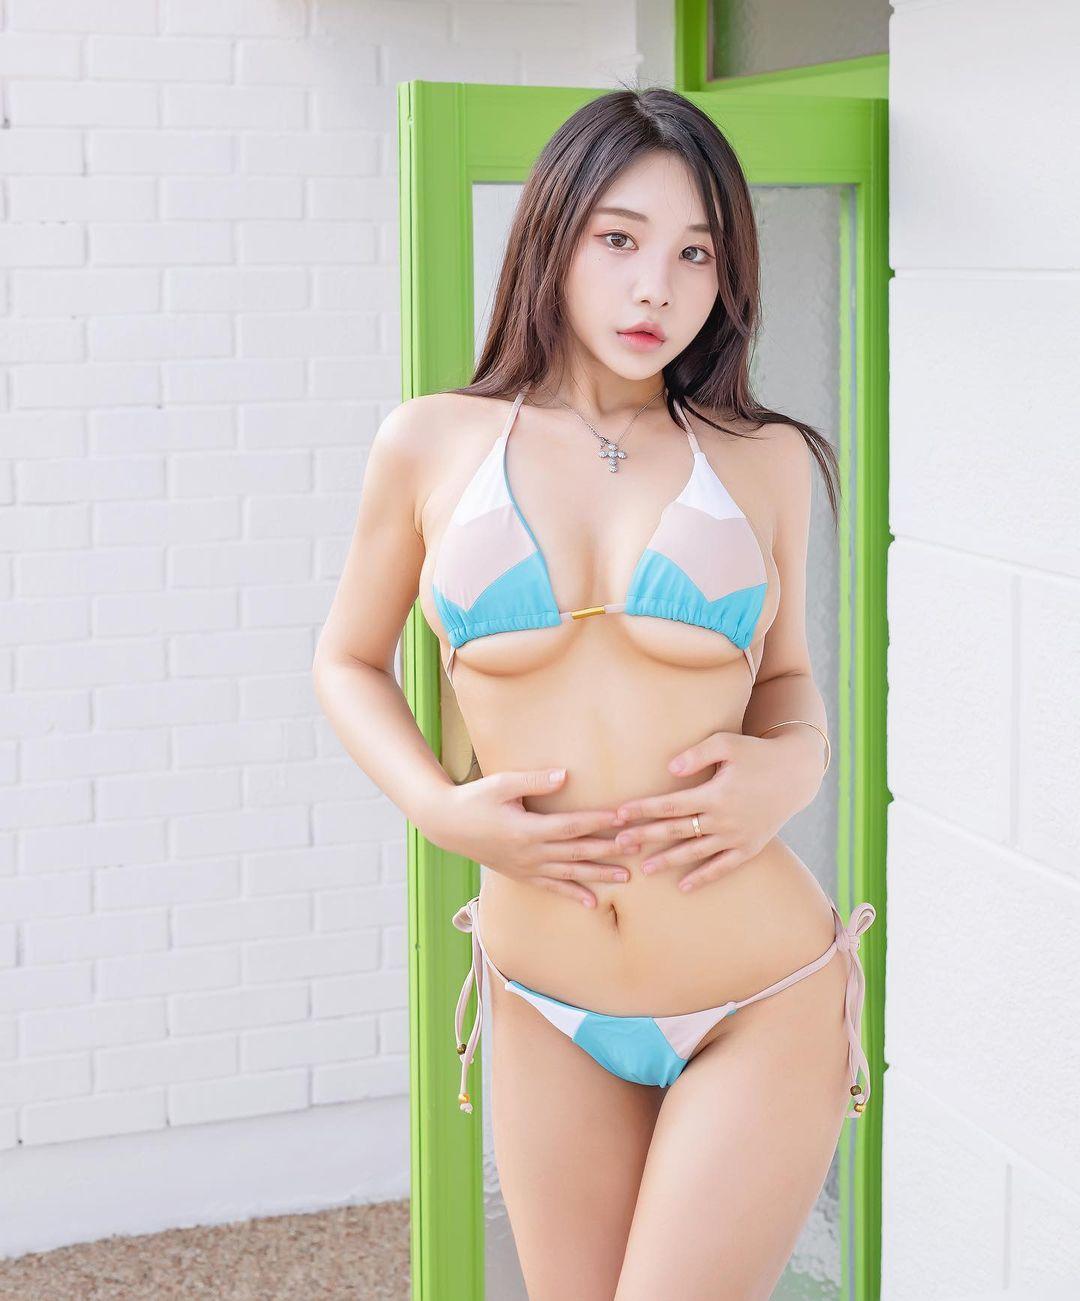 韓國這妹子穿這樣打撞球